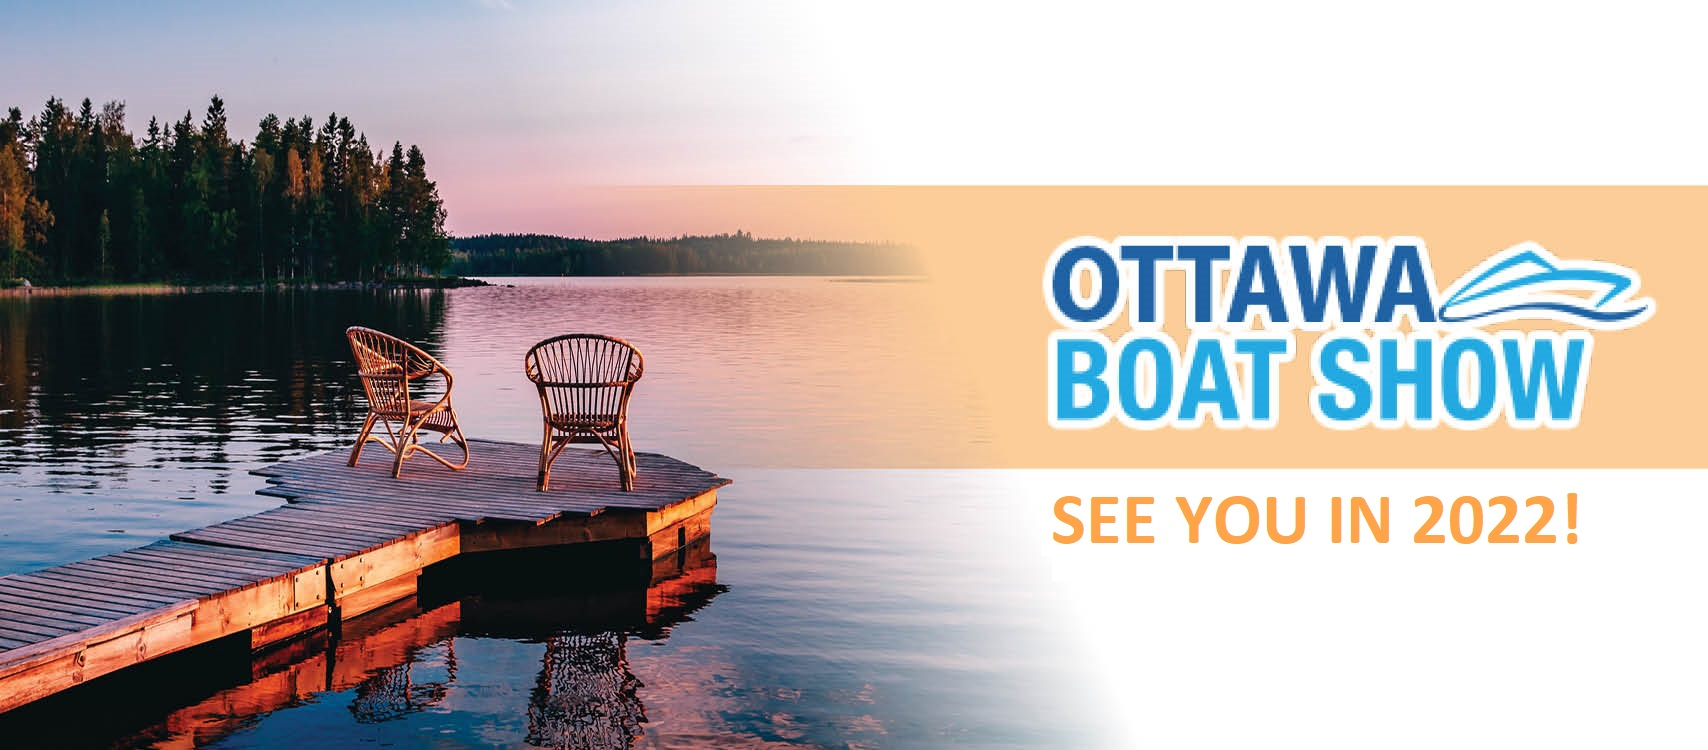 Ottawa Boat Show